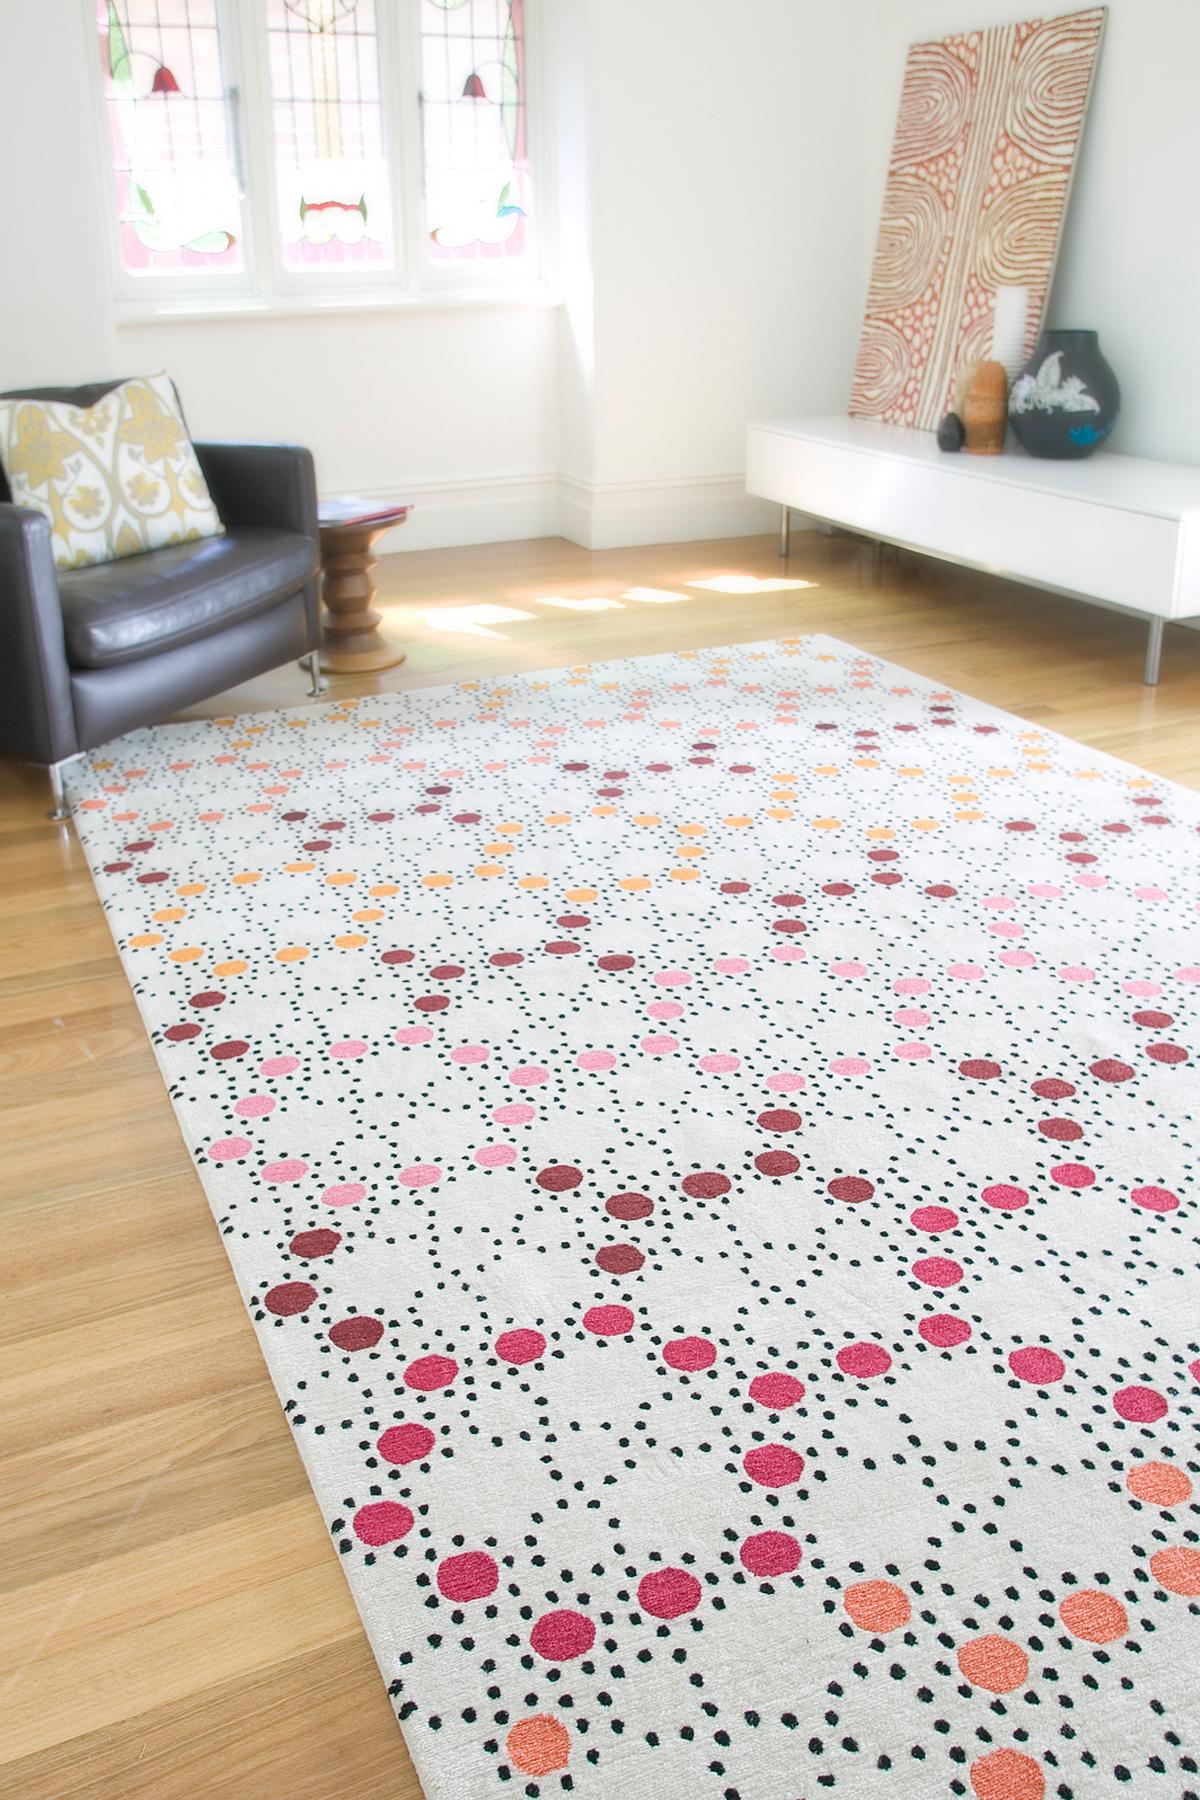 1200x1800 Mosaic.jpg